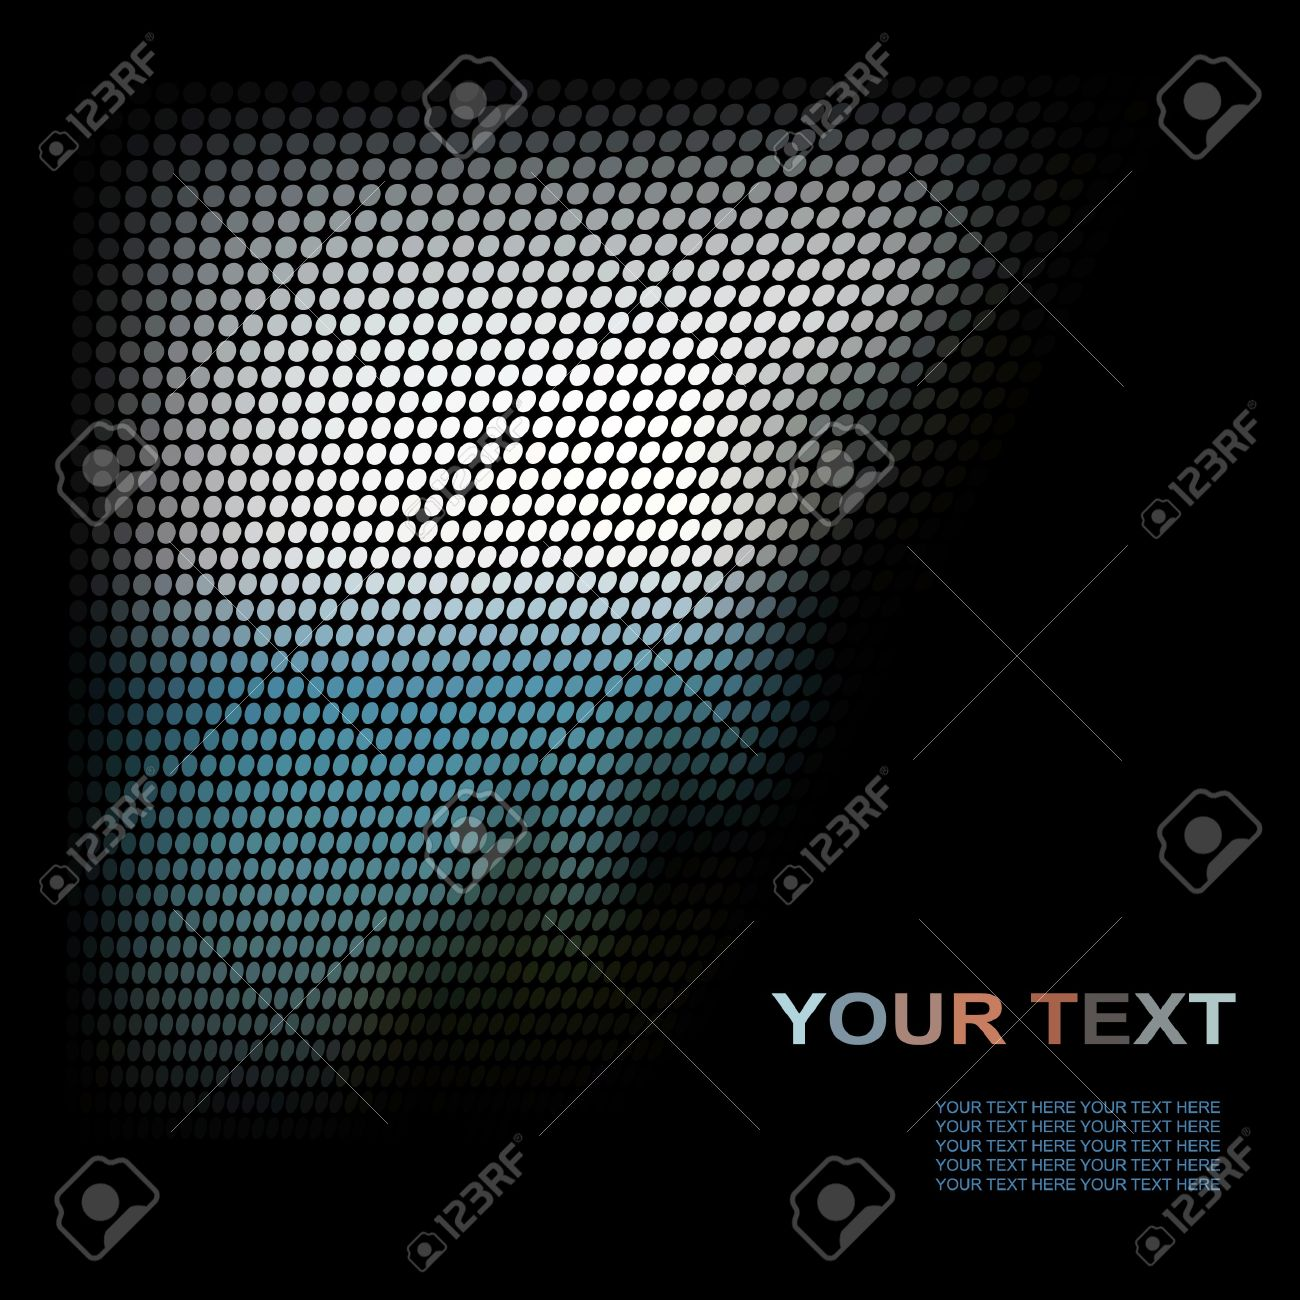 illustration. Abstract texture. Stock Illustration - 10412944